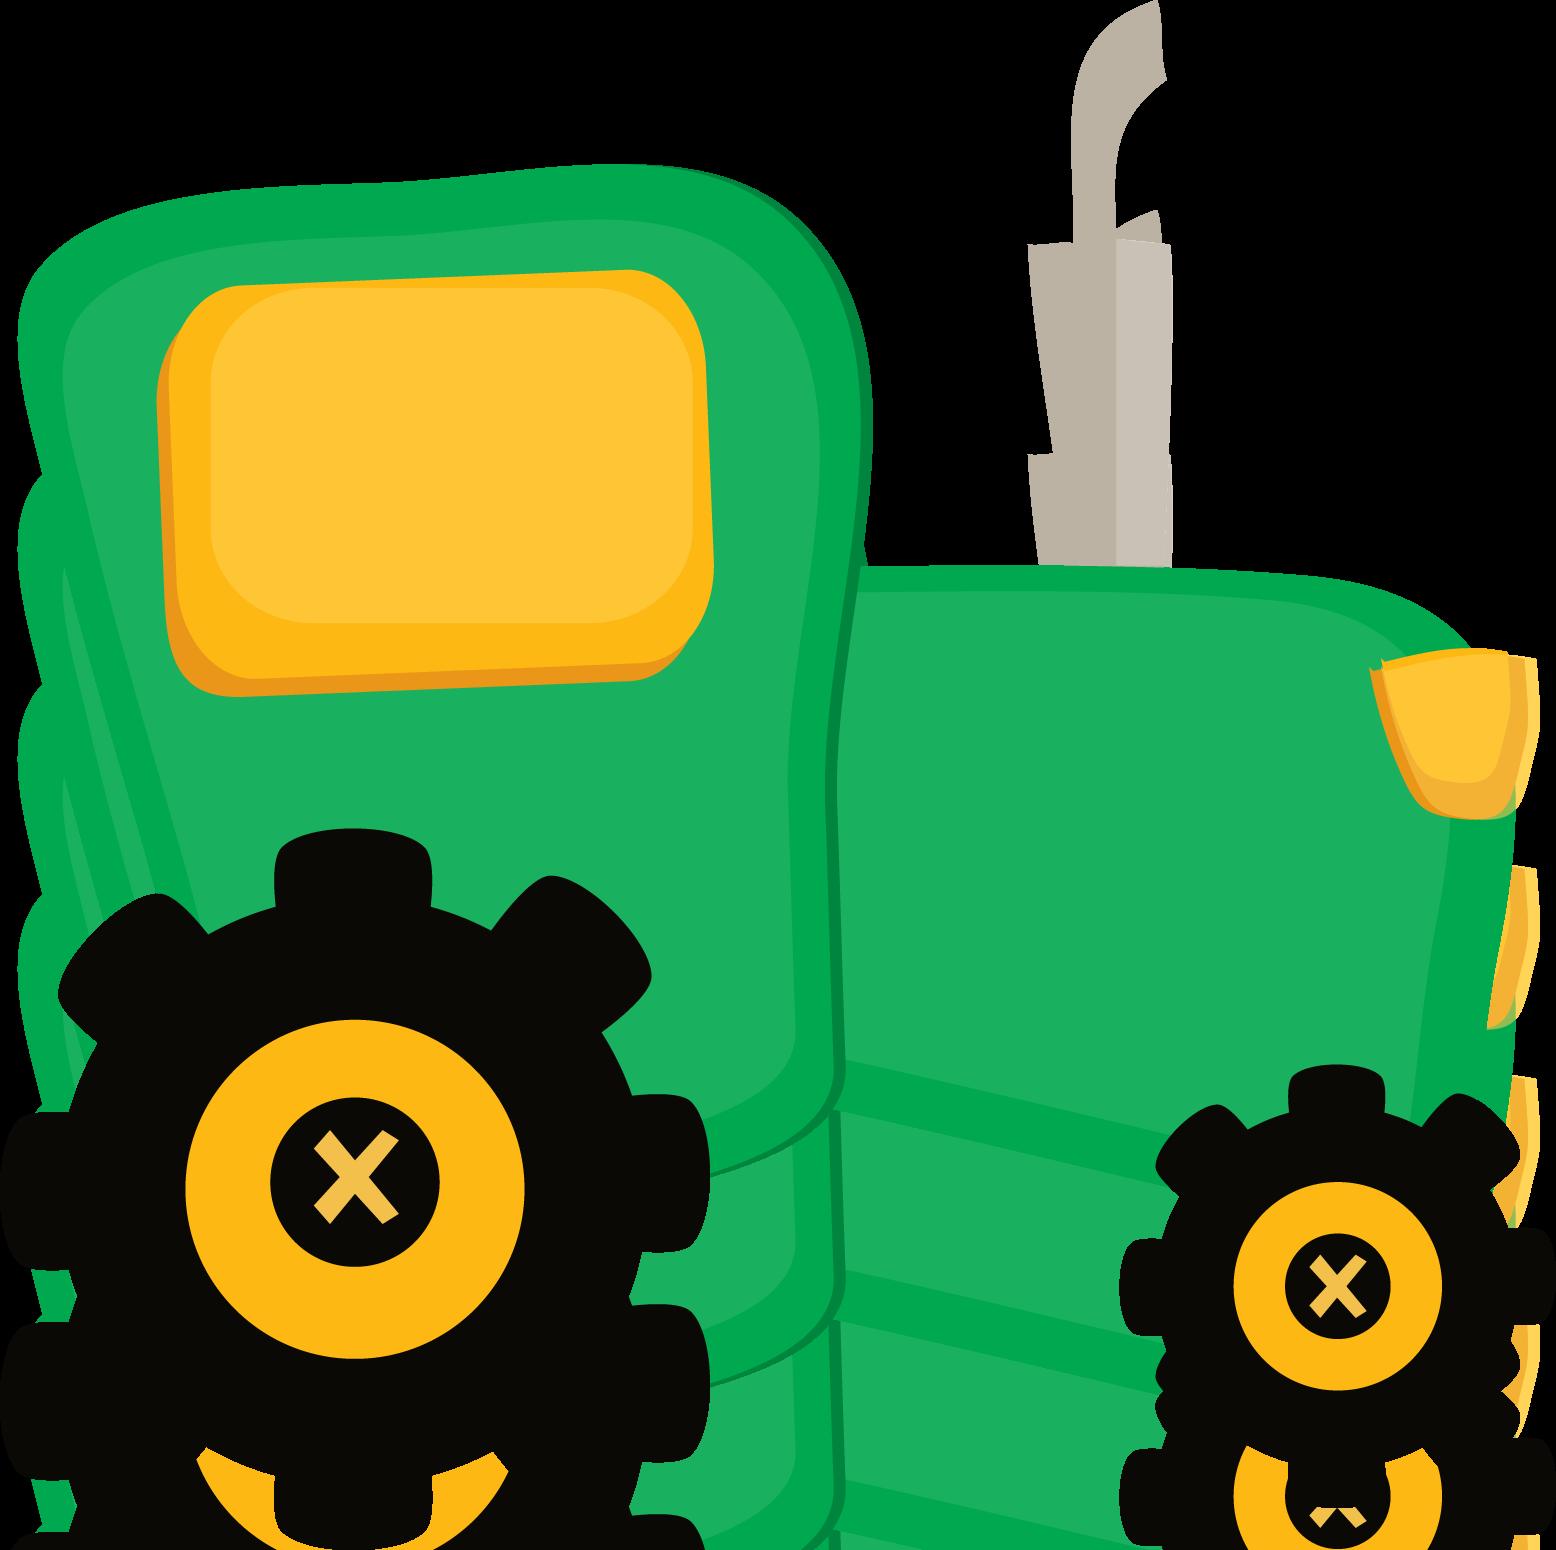 Fazendinha Cute Clipart Tractor Png Minu-Fazendinha Cute Clipart Tractor Png Minus Cliparts Co-1